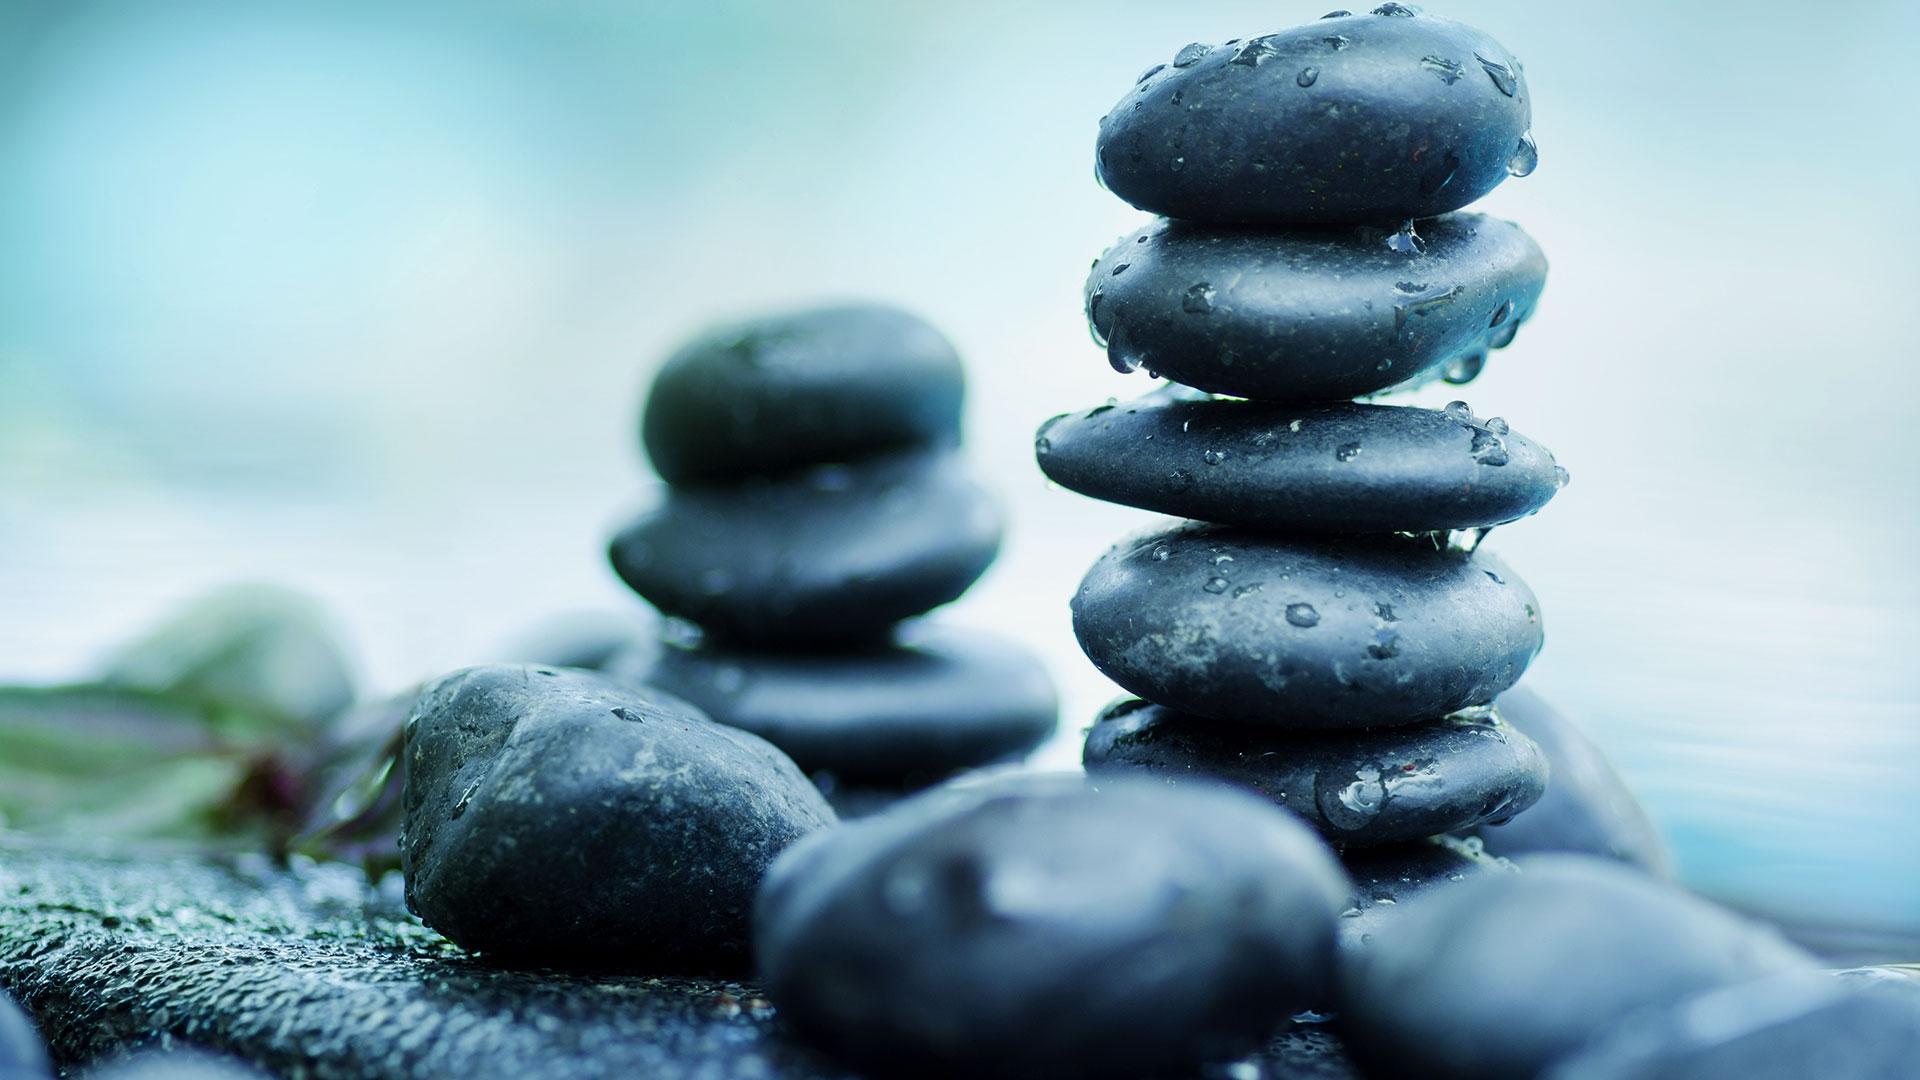 House of Balance - Zen